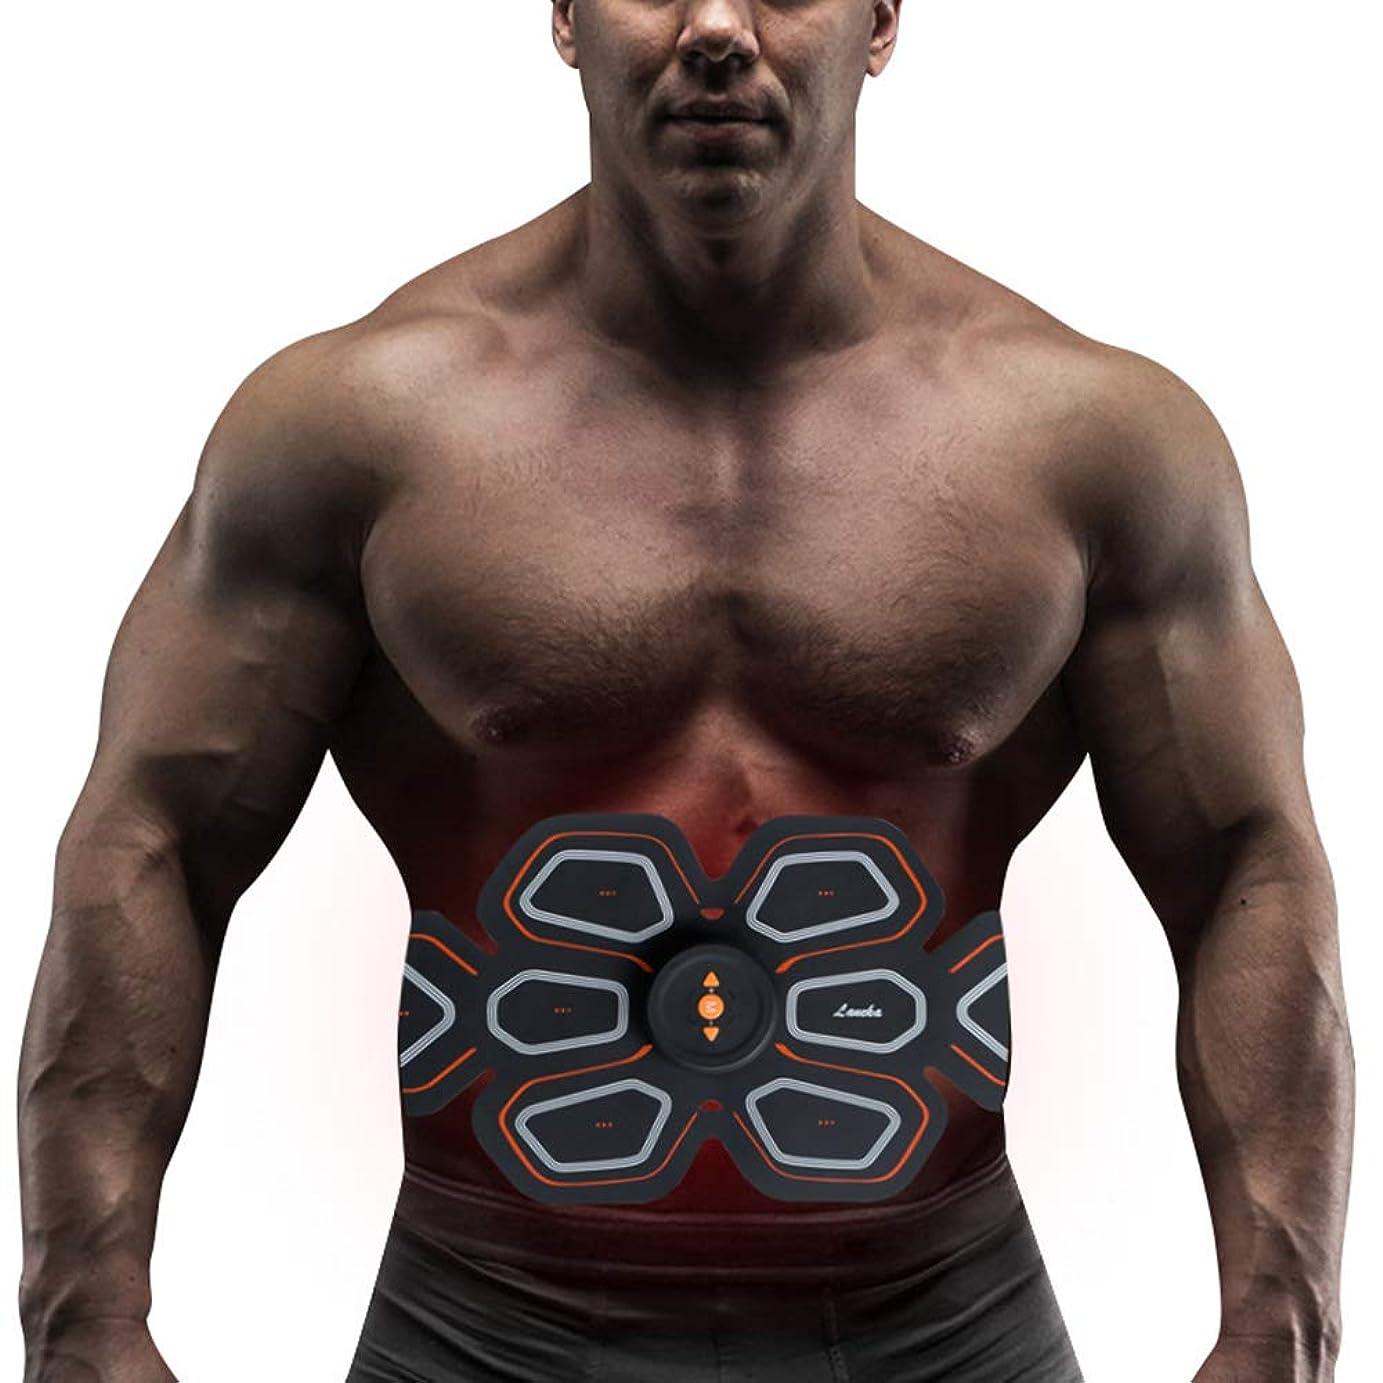 ブランド名プレーヤー心配するスマート腹部筋肉トレーナーusb電気マッサージフィットネス機器EMS筋肉刺激装置体重減少マッサージスポーツフィットネス機器ユニセックス